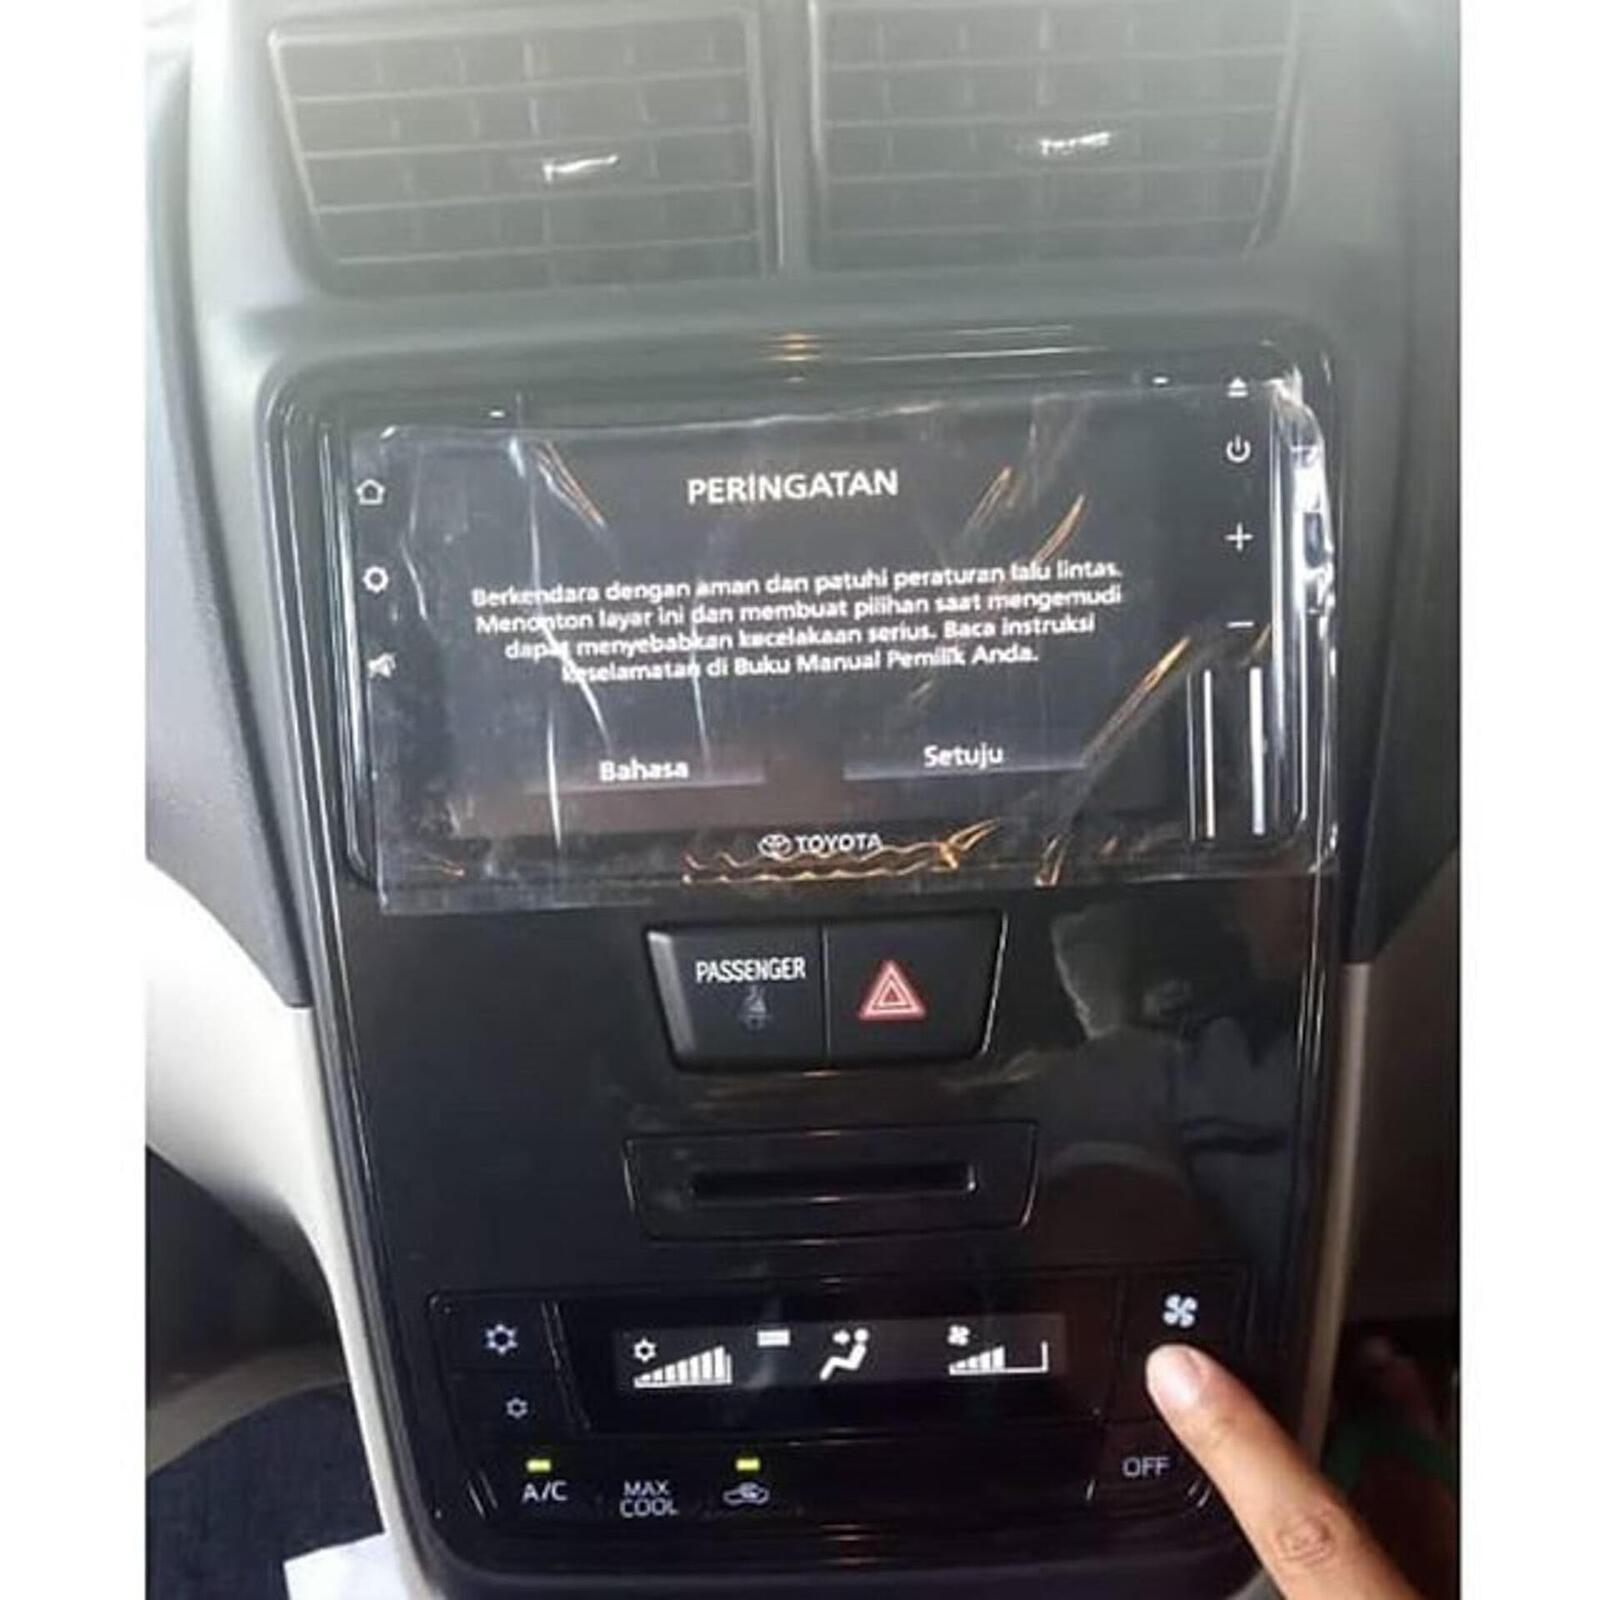 Lộ diện Toyota Avanza 2019 phiên bản nâng cấp Facelift mới với thiết kế đẹp phiên bản cũ - Hình 6